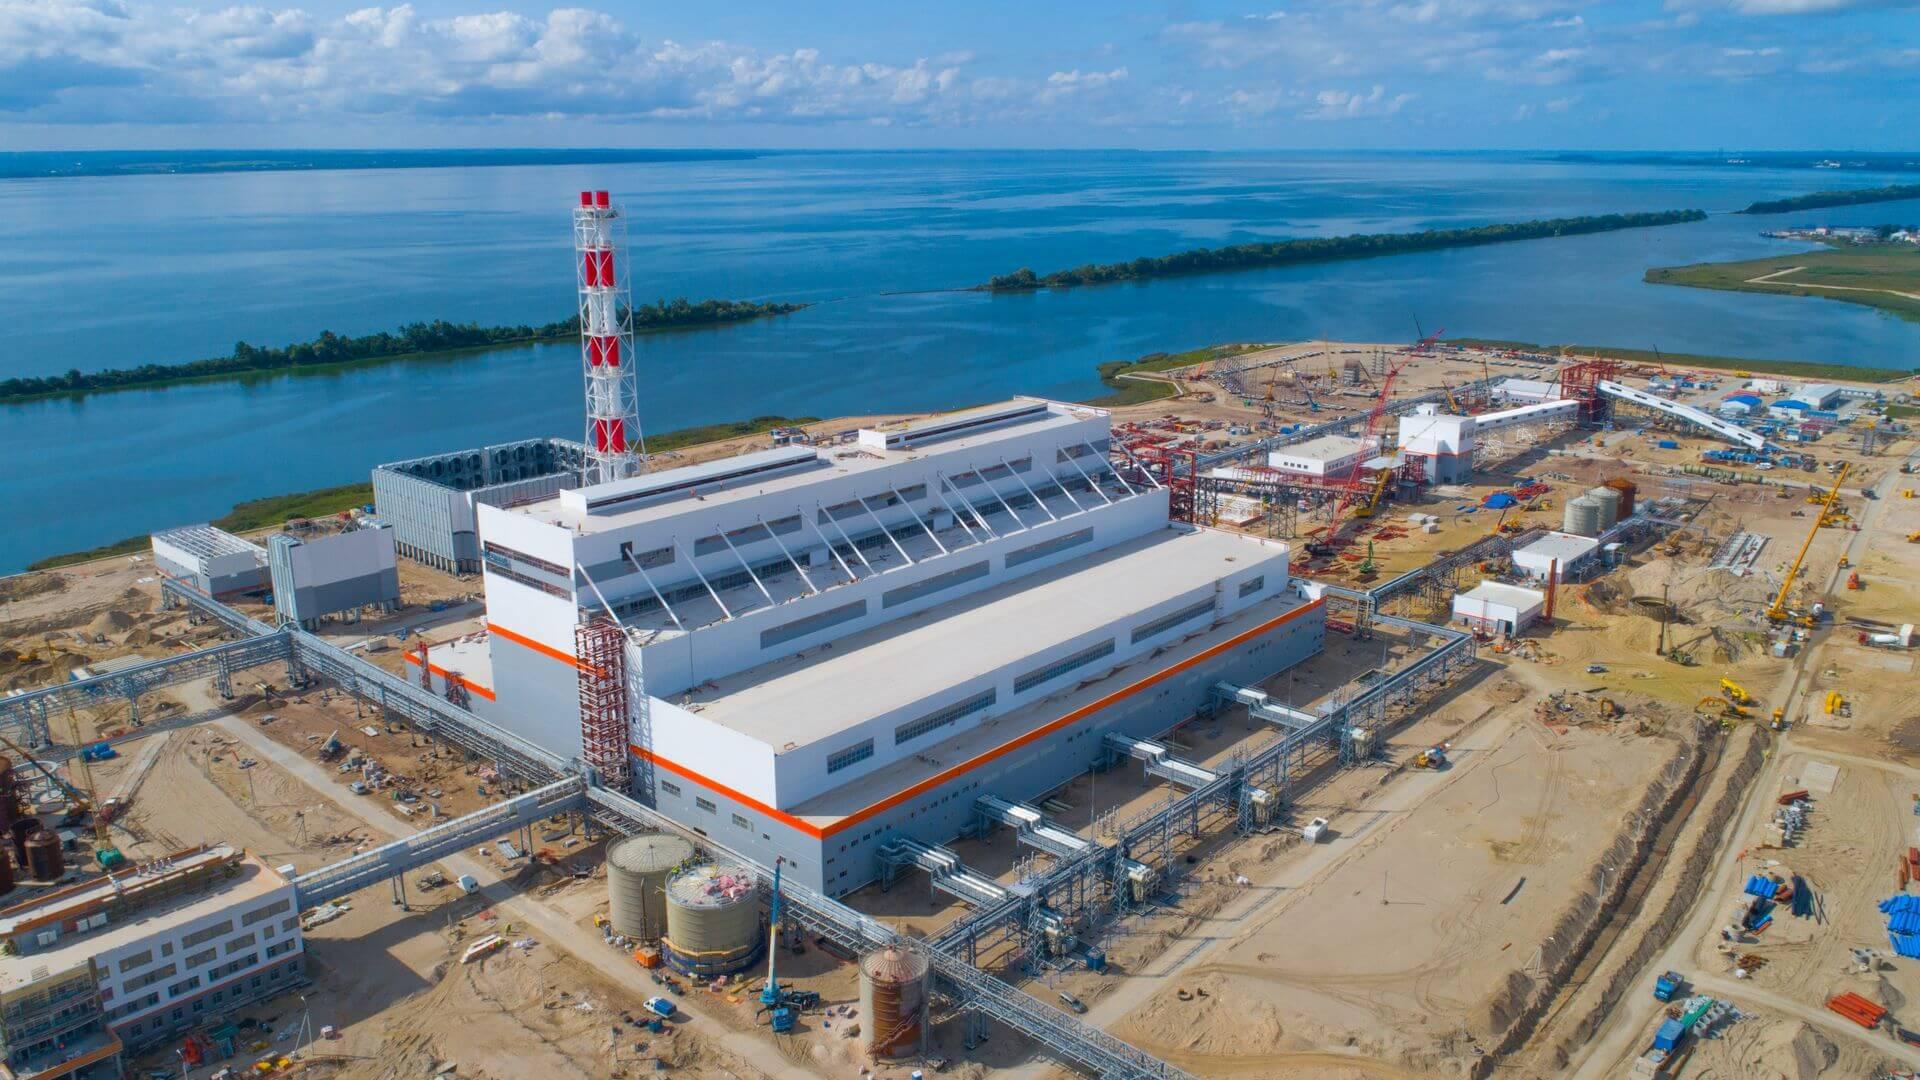 بهرهبرداری عملیاتی از بلوک سوم نیروگاه حرارتی پریمورسکایا